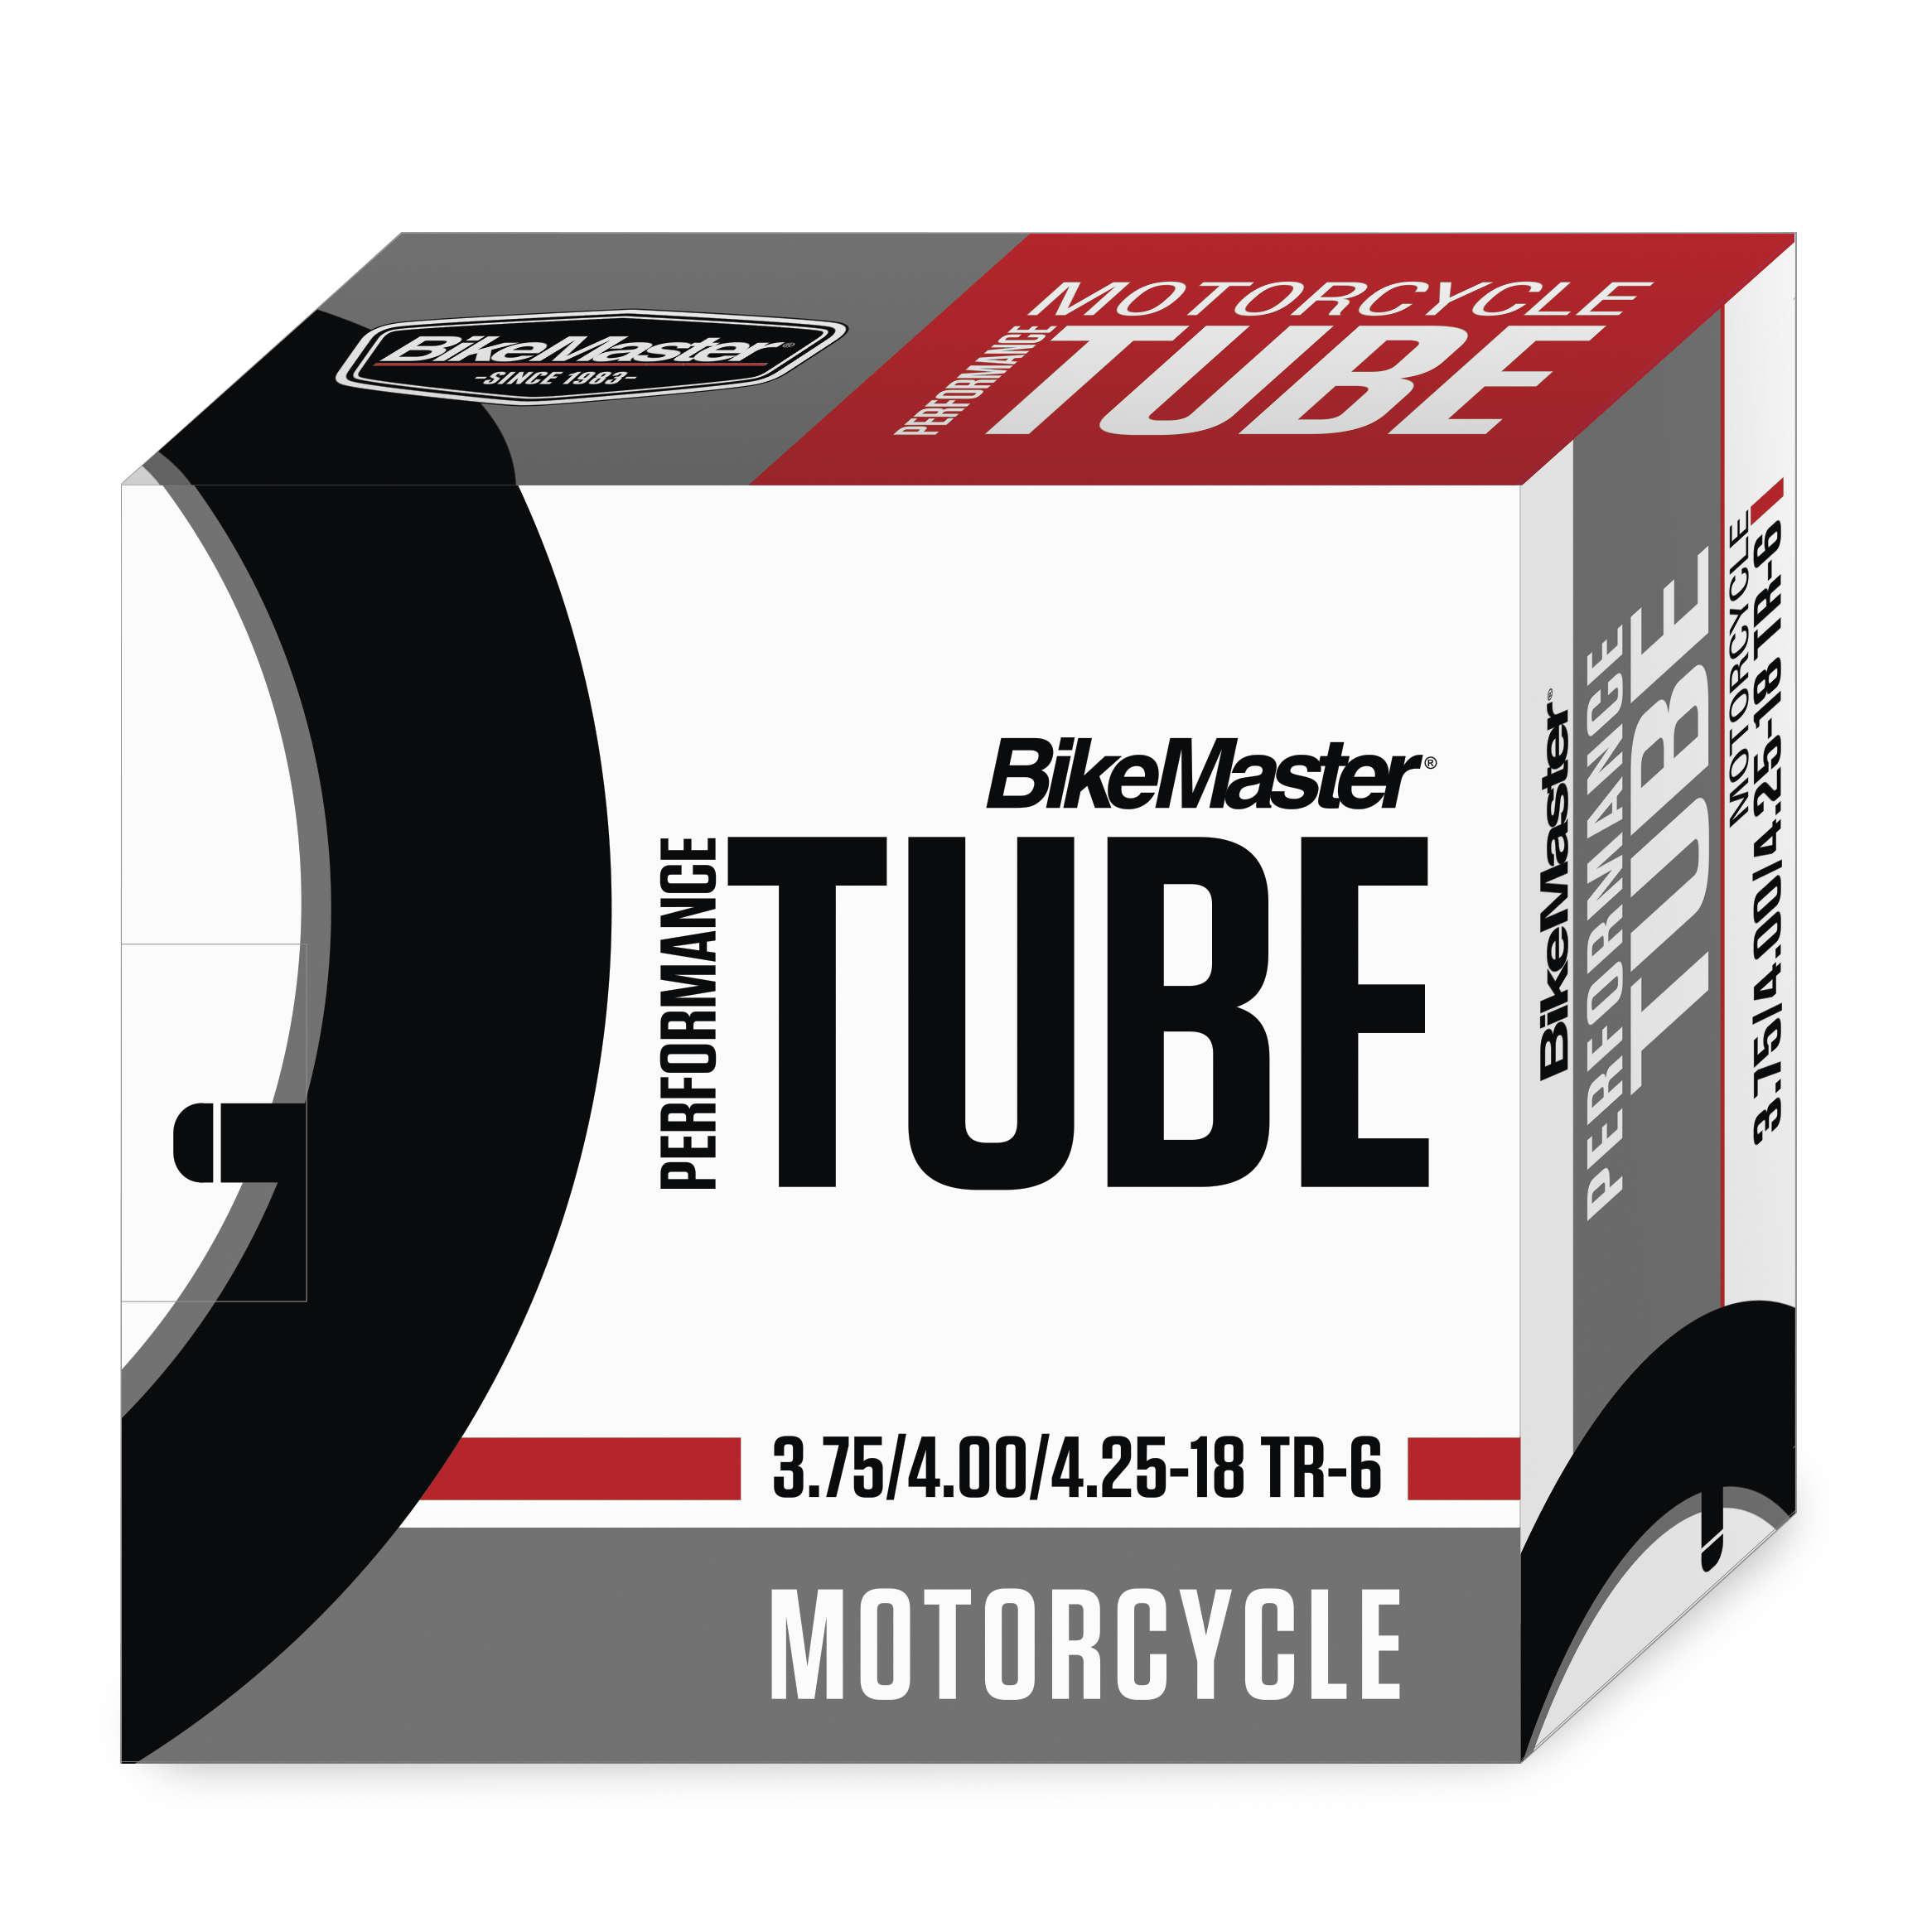 BikeMaster 370106 Tube